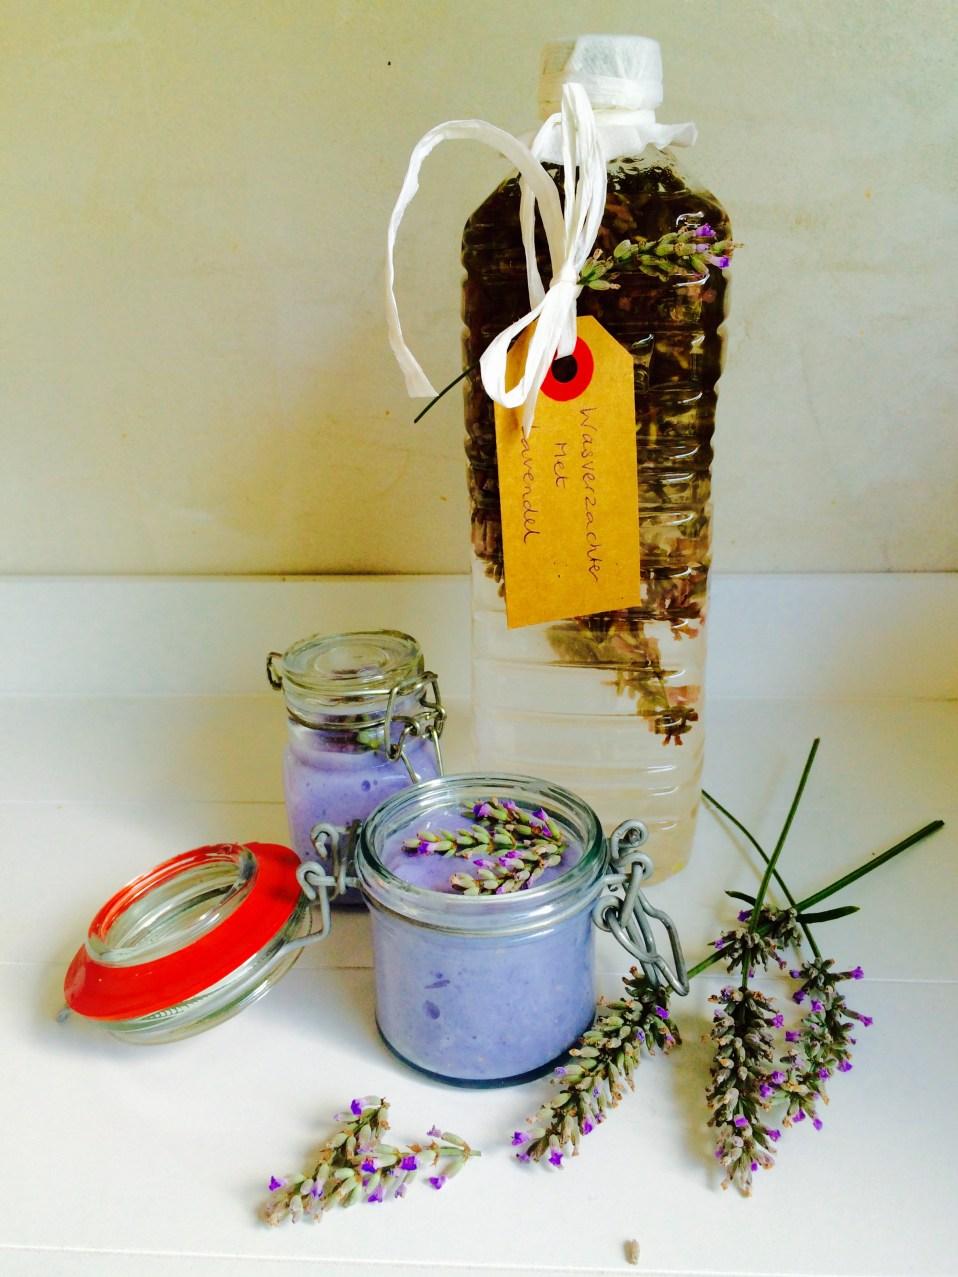 luchtverfrisser van lavendelolie maken